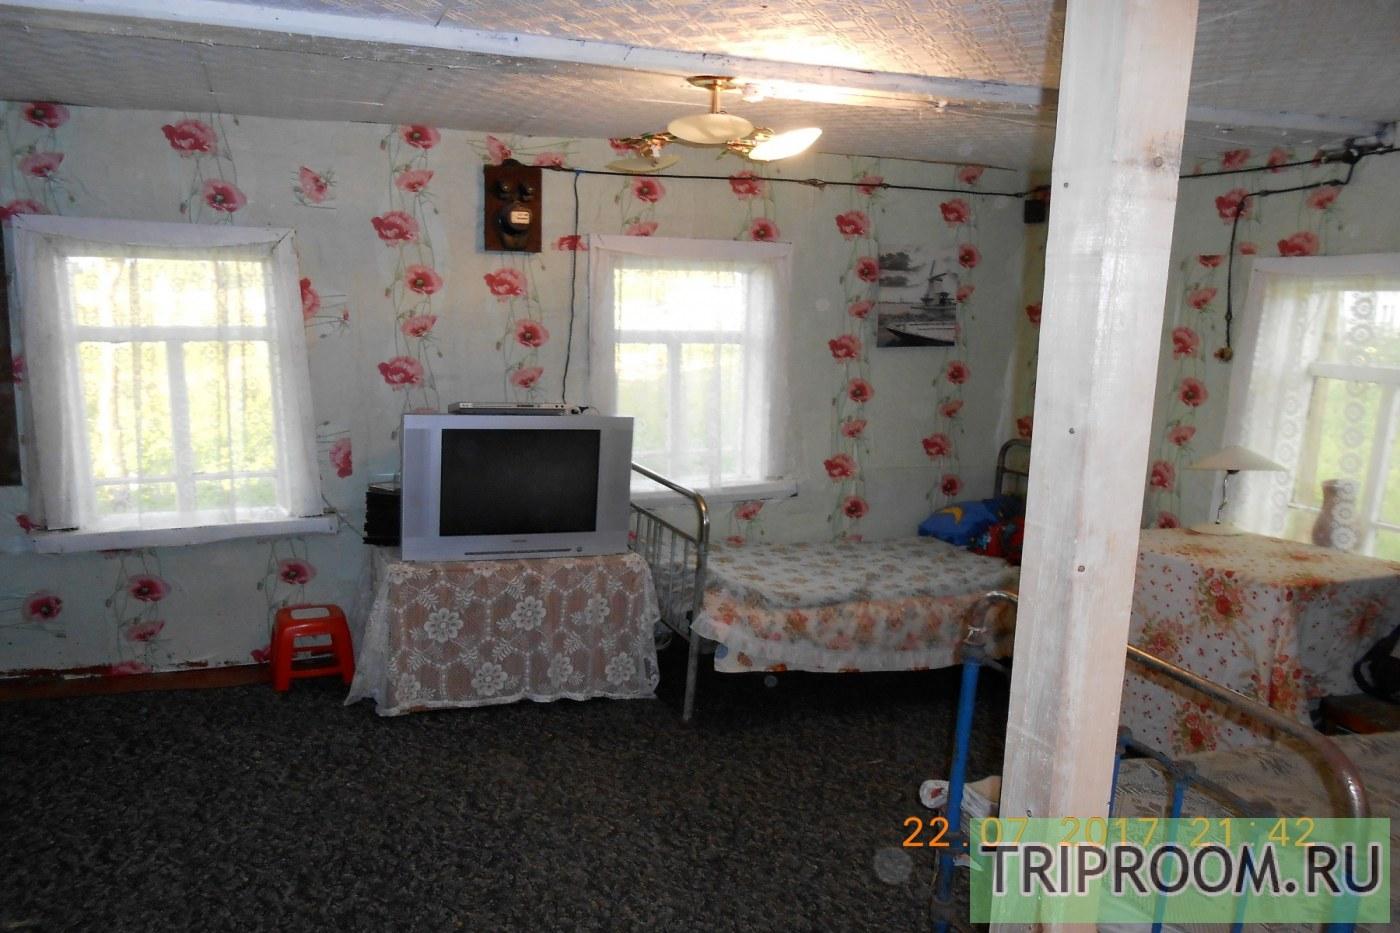 2-комнатный Дача посуточно (вариант № 39941), ул. Дачная улица, фото № 8